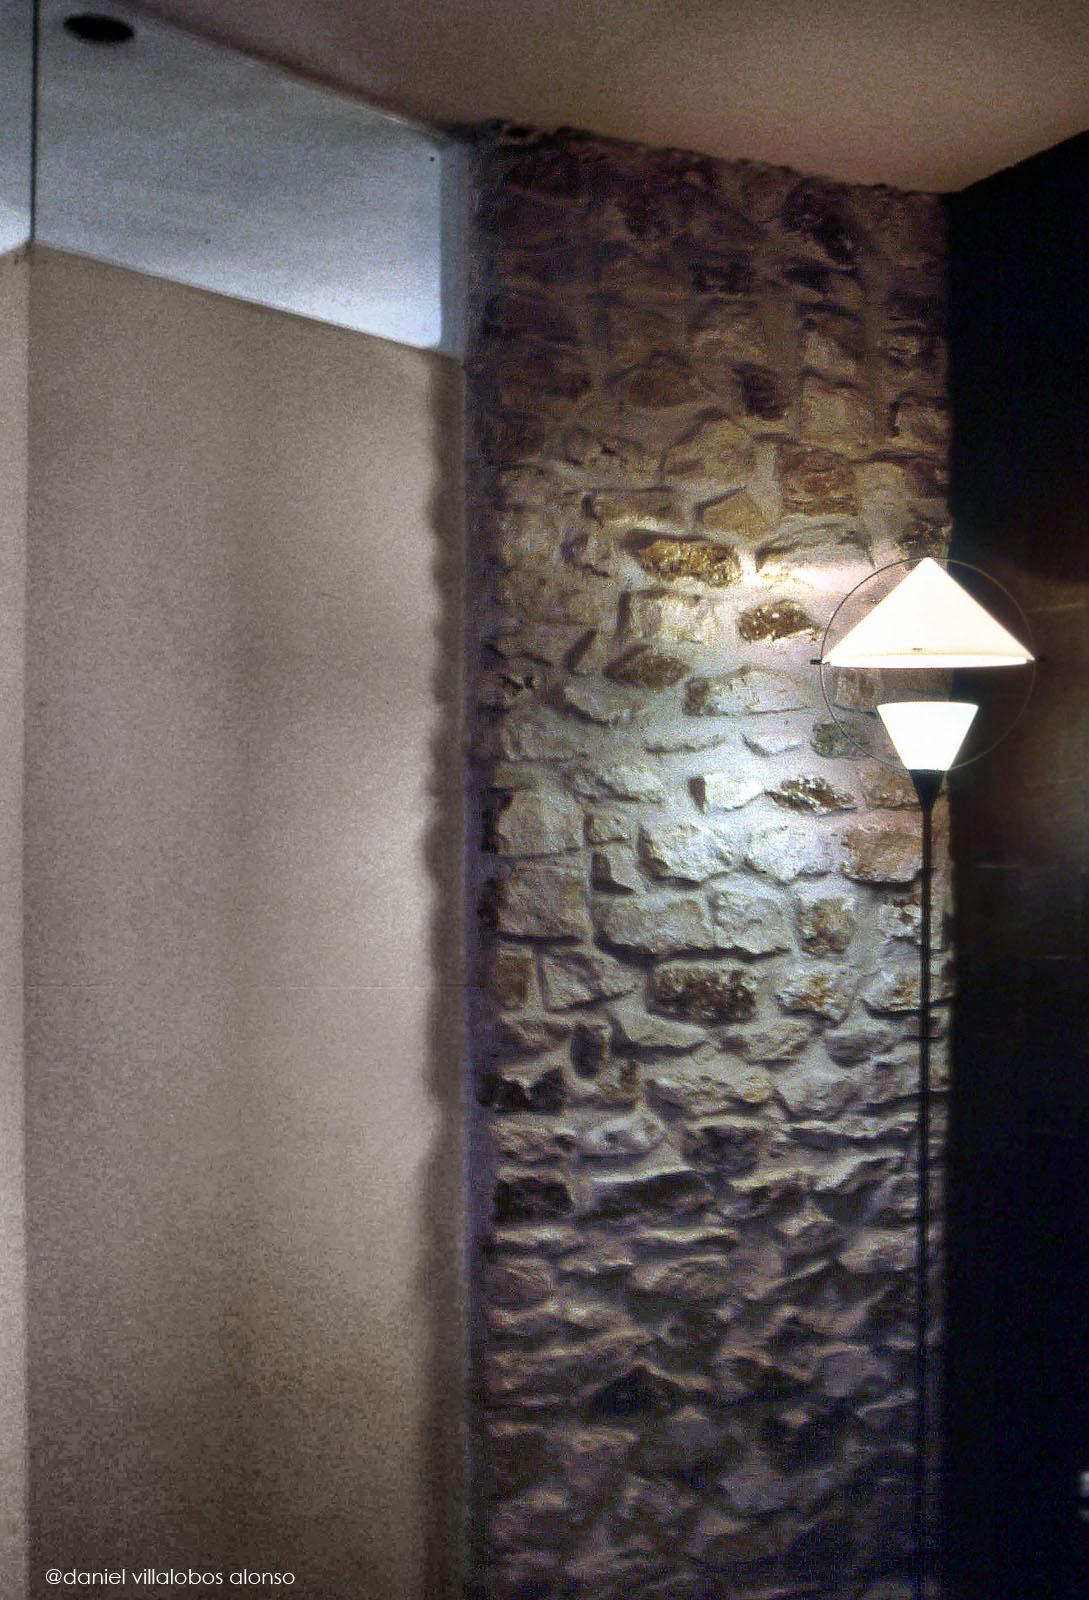 danielvillalobos-spanish-architecturexxthcentury-stonearchitecture-spanisharchitecturemodern-15